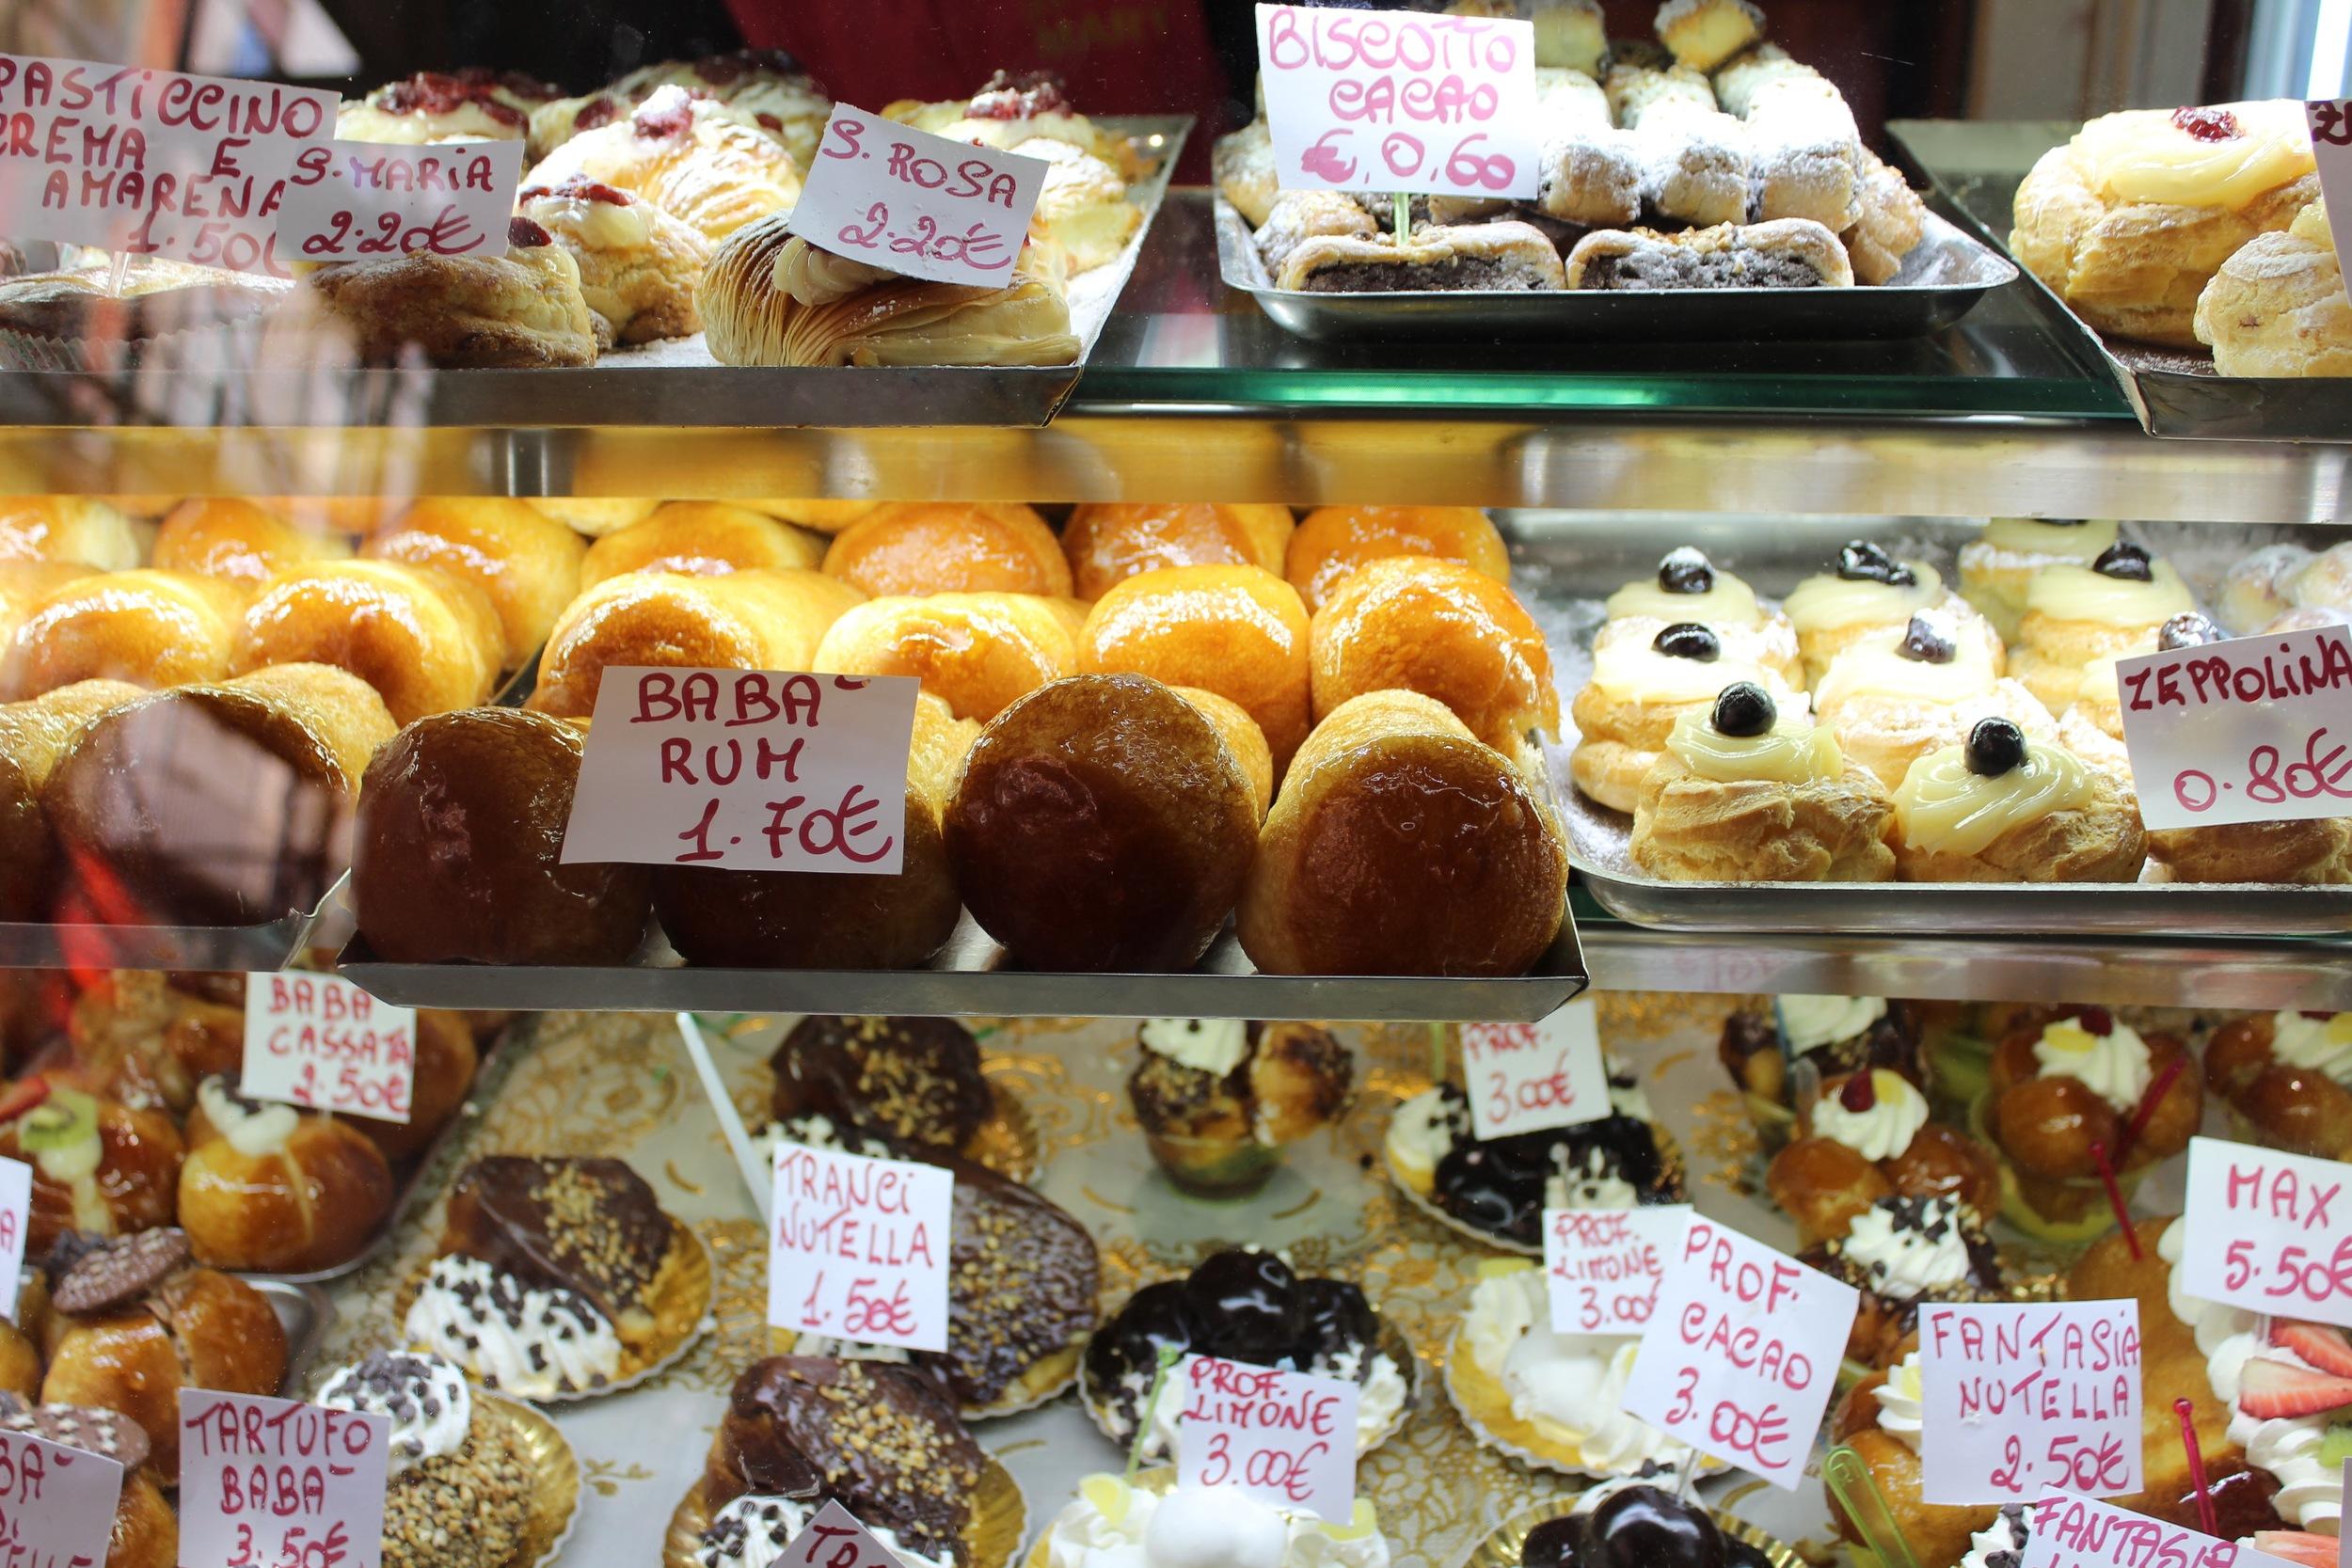 Neapolitan pastries